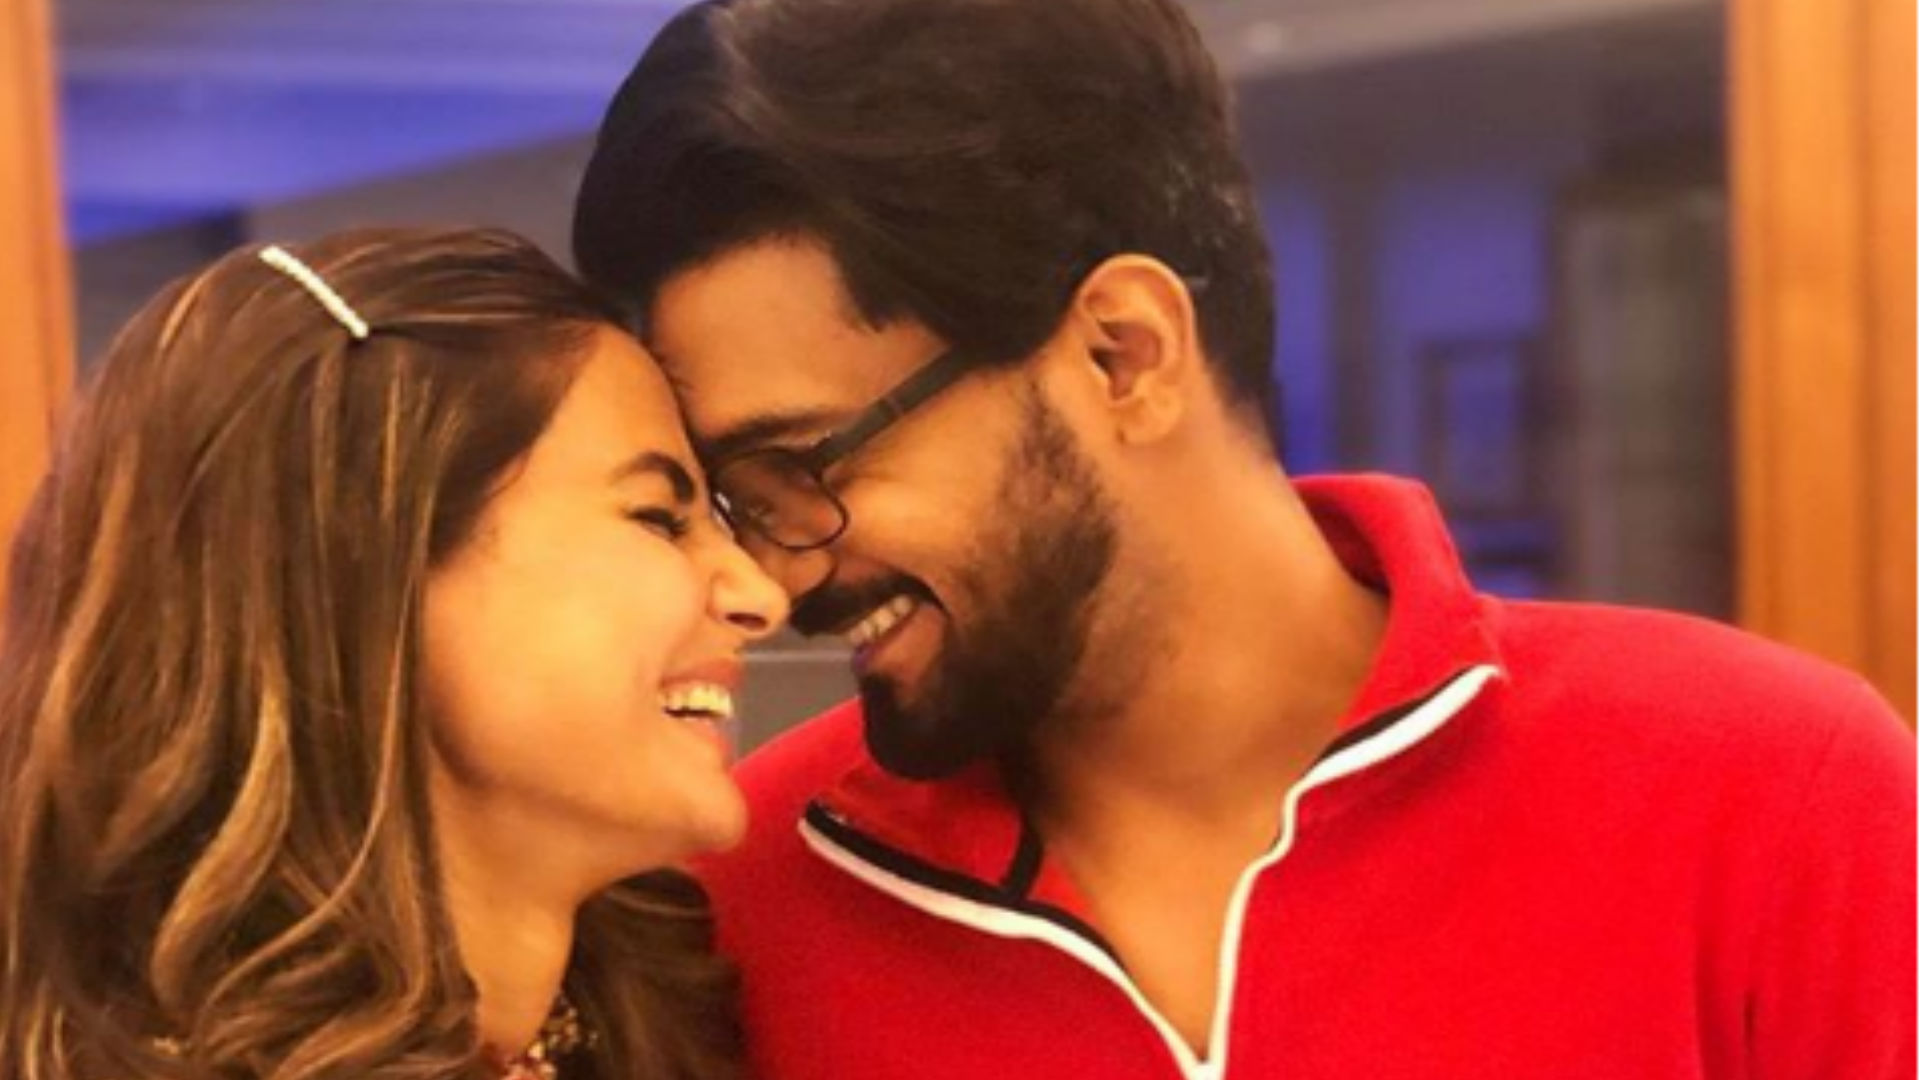 ट्रेंडिंग न्यूज: हिना खान ने सेलिब्रेट किया रोज डे, ये रिश्ता क्या कहलाता है के स्पिन ऑफ में दिखेगी रुपल पटेल